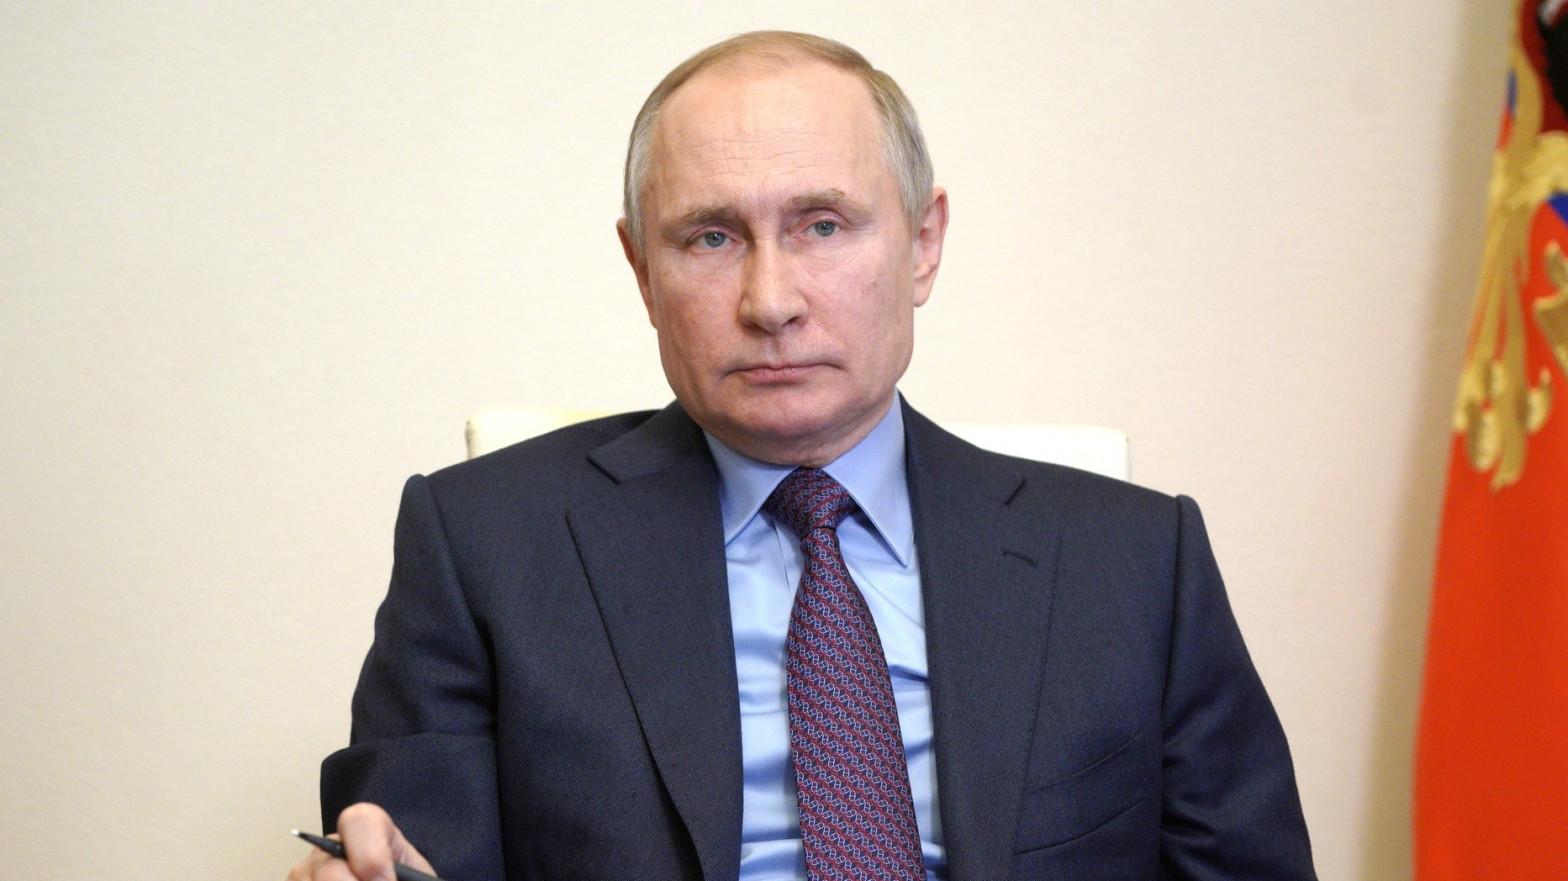 EEUU estudia expulsar a los diplomáticos ruso por la presunta intromisión de Moscú